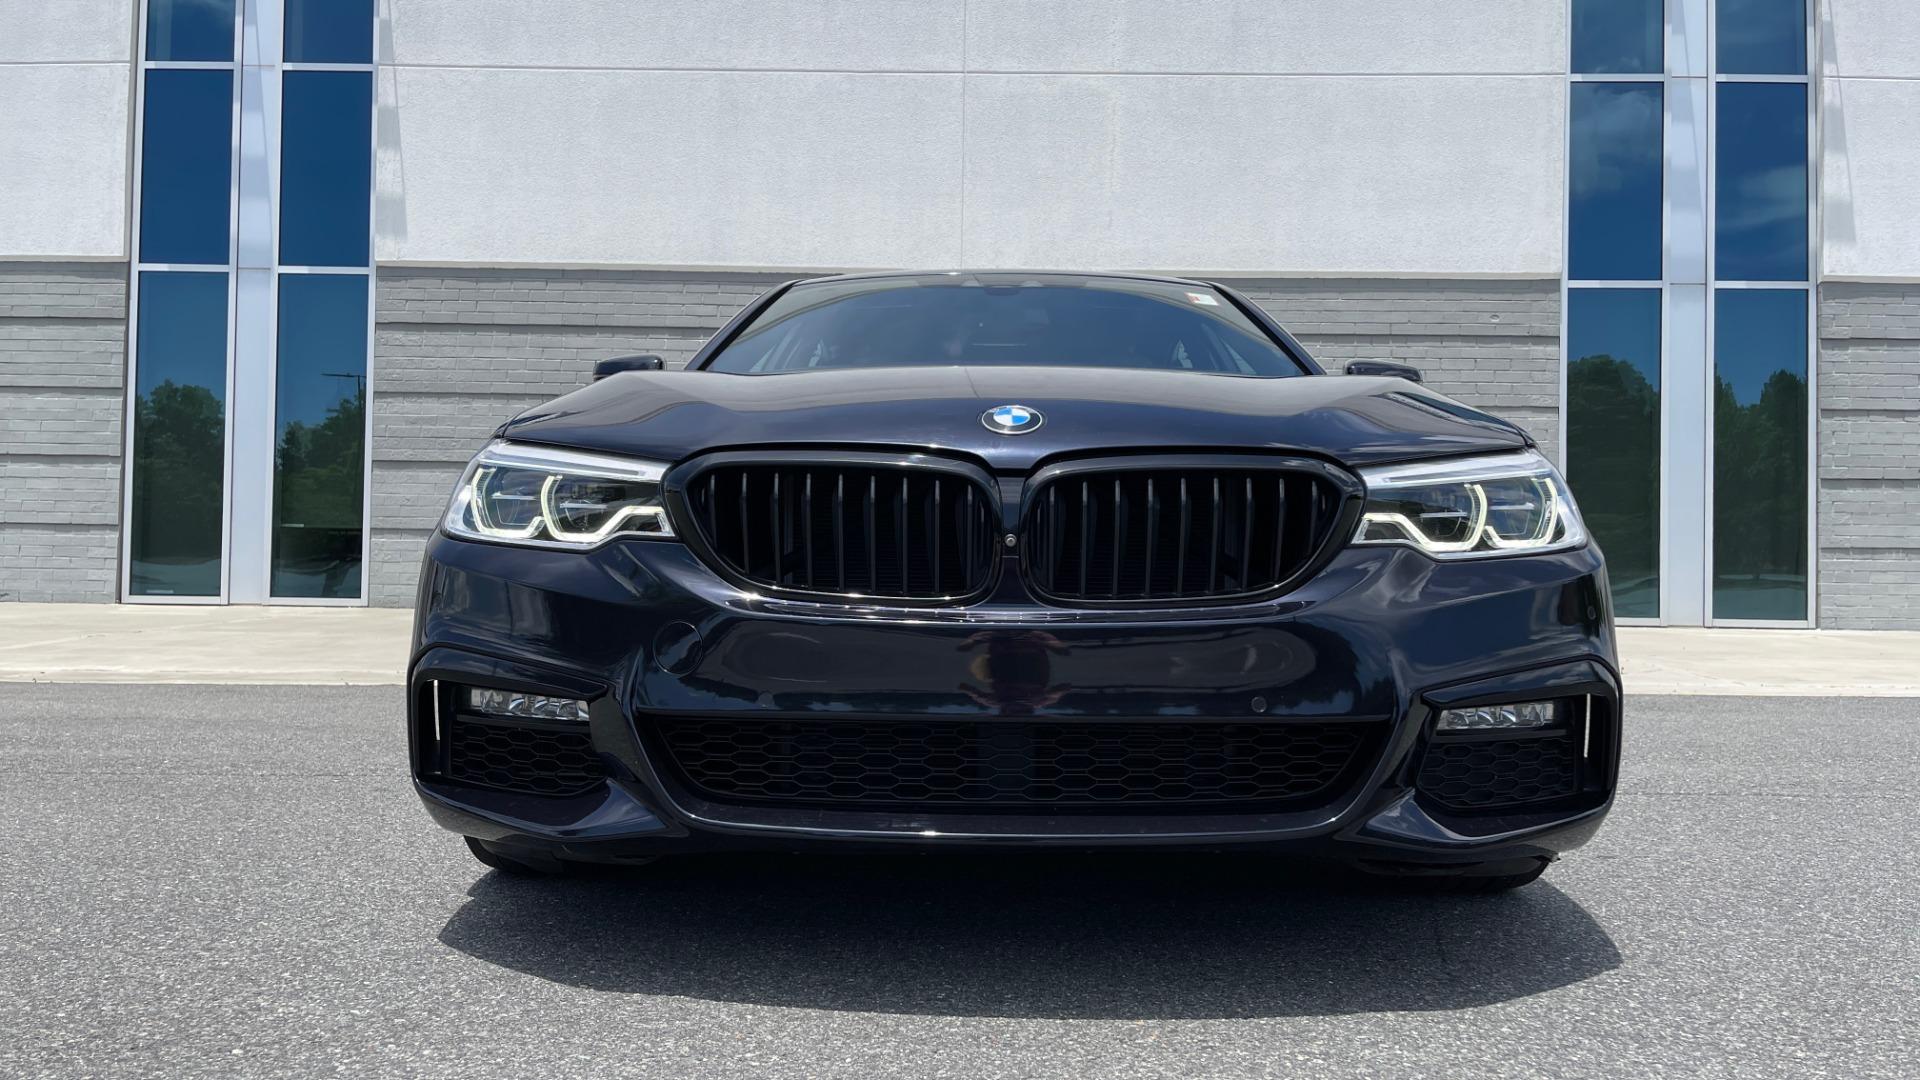 Used 2018 BMW 5 SERIES 540I M-SPORT / EXECUTIVE PKG / DRVR ASST PKG / BLIND SPOT / LANE DEPART for sale $40,995 at Formula Imports in Charlotte NC 28227 14